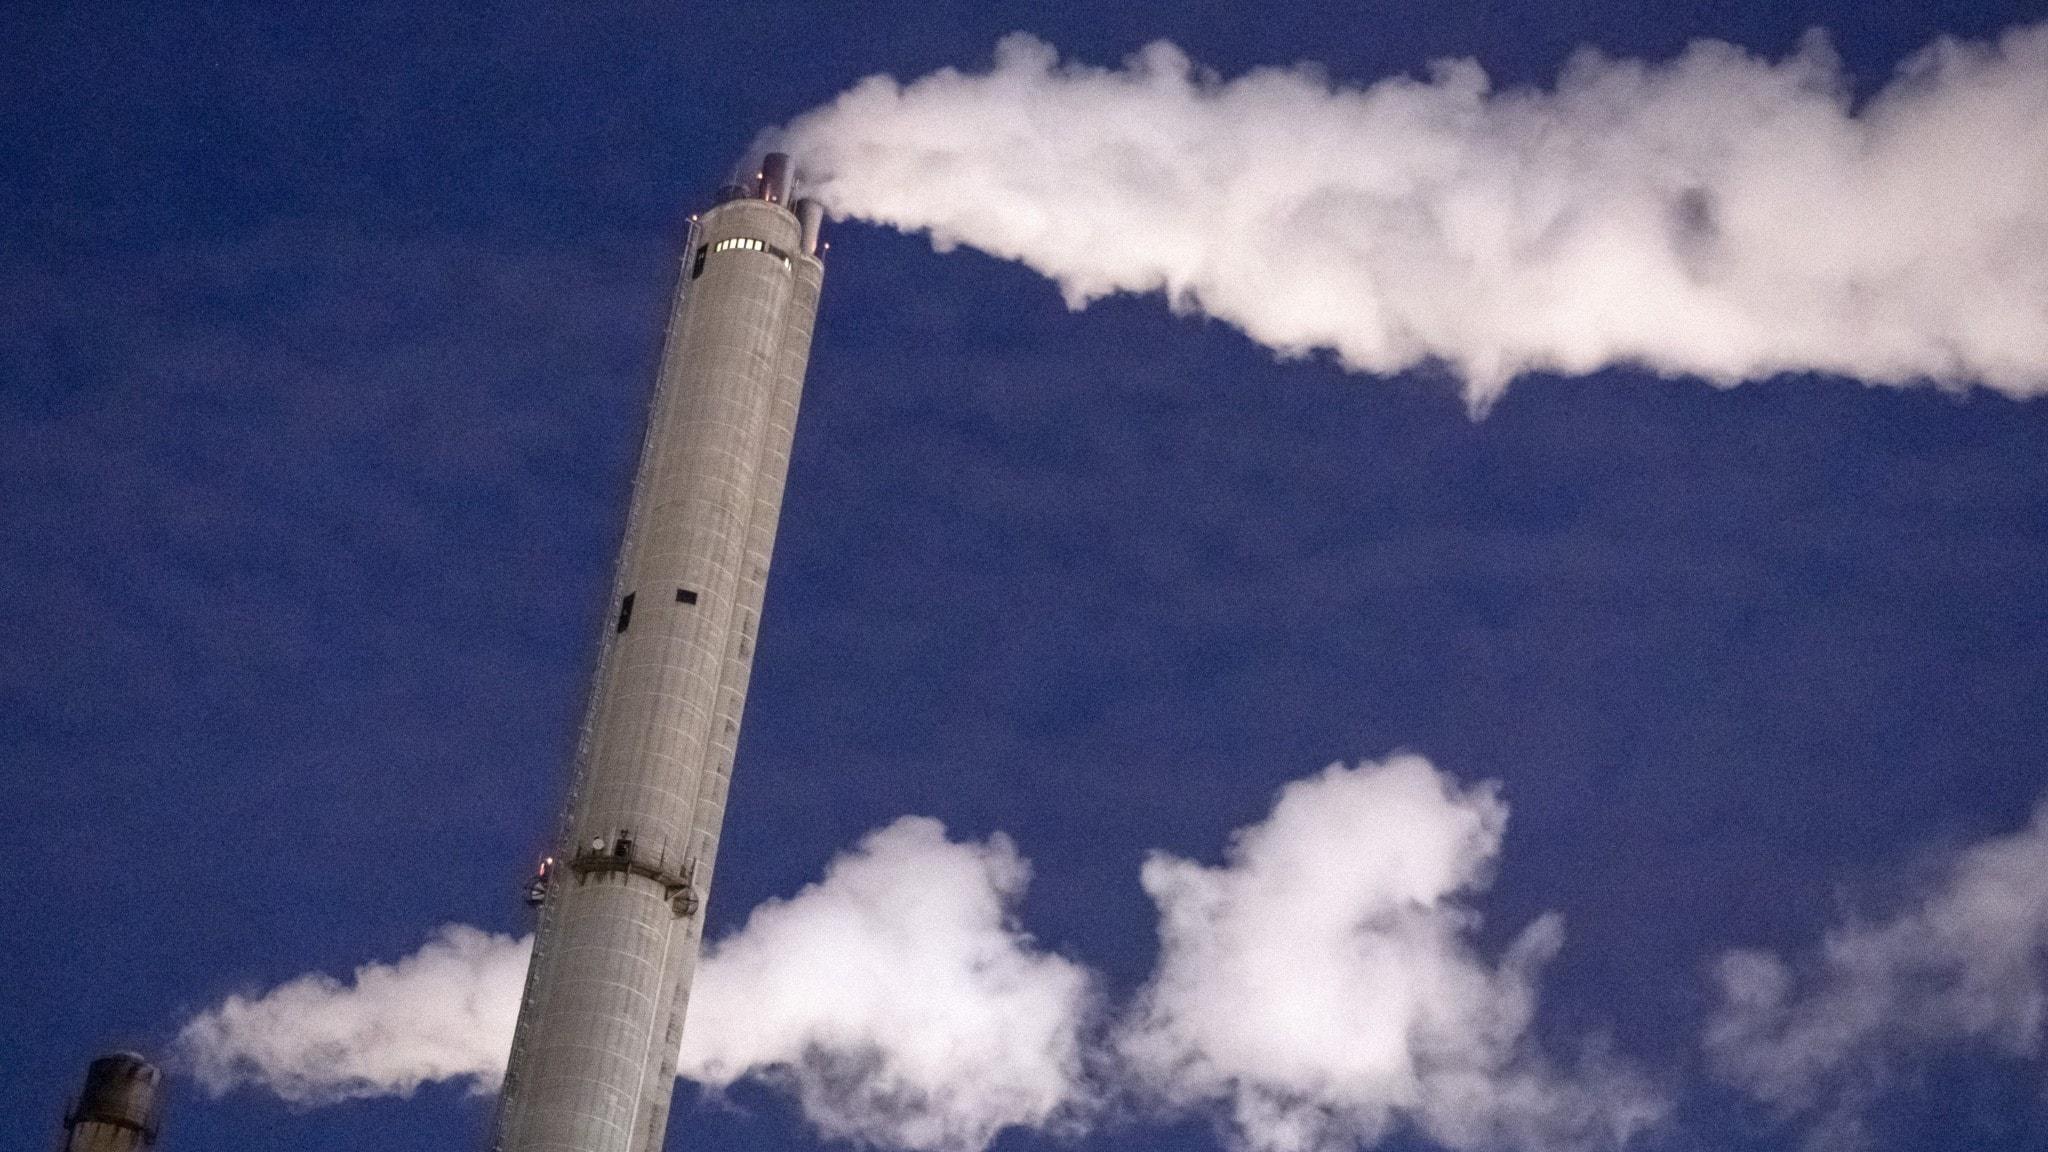 Osanningar om klimatet har medvind: